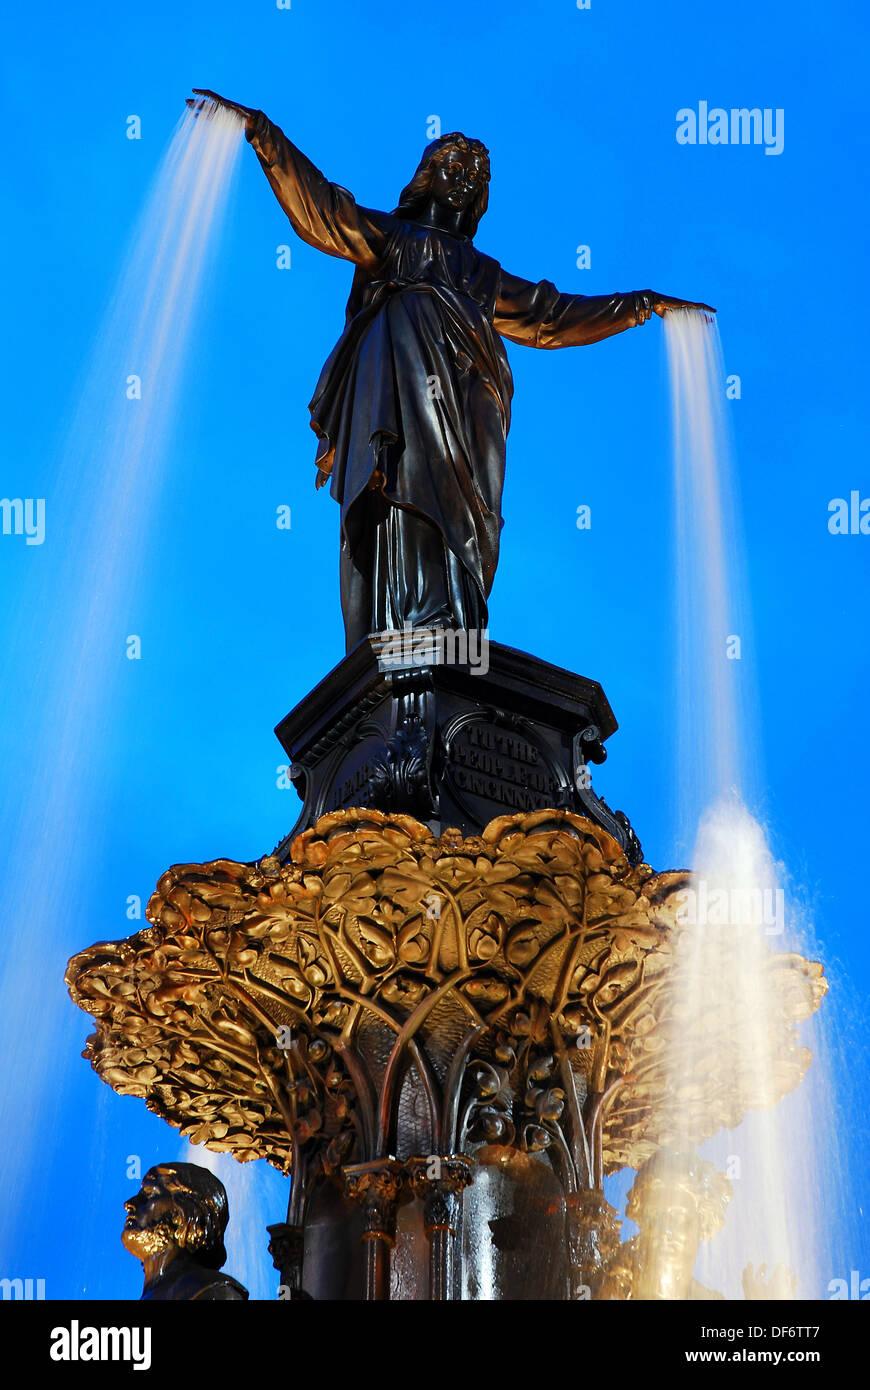 The Tyler Davidson Fountain in Fountain Square in Cincinnati, Ohio Stock Photo